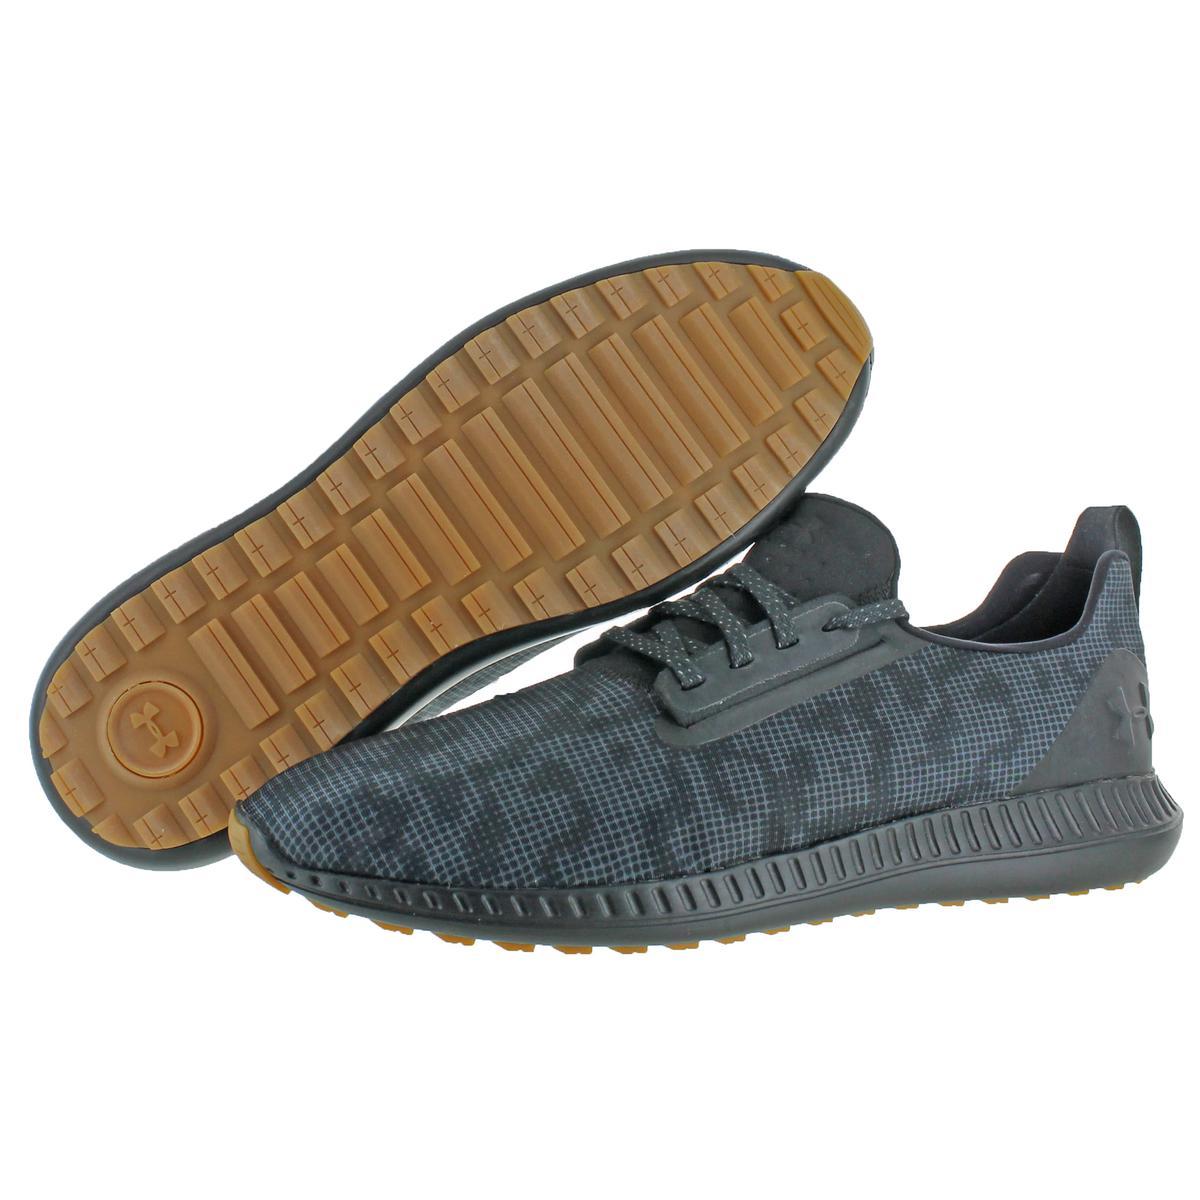 Sotto l'armatura di moda fare pr basso leggero sopra Uomo sopra leggero le scarpe da corsa bhfo 0138 73e4fa